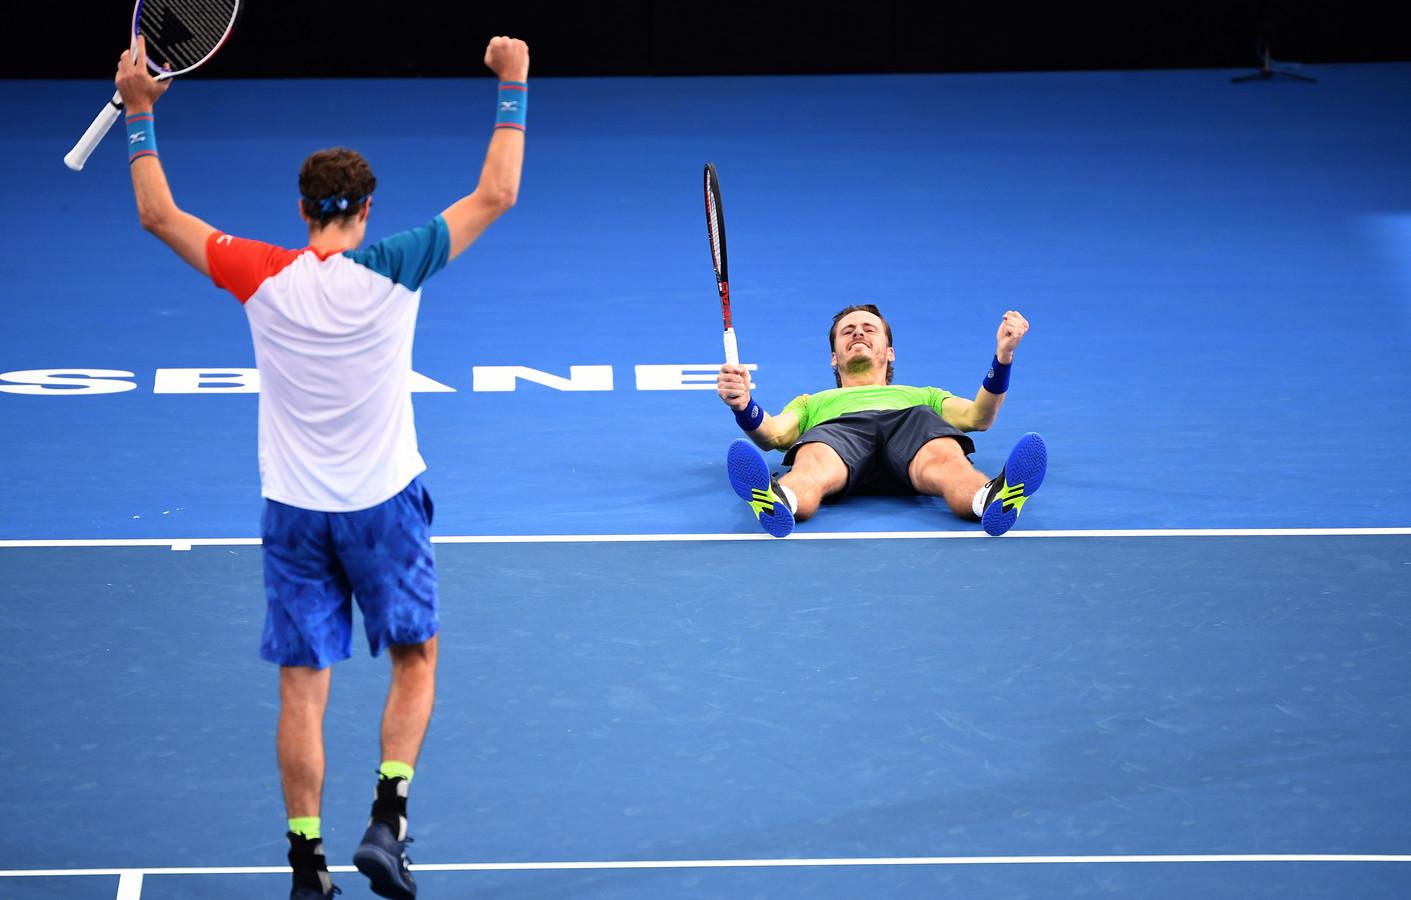 Wesley Koolhof is er in de Pat Rafter Arena in Brisbane van pure vreugde bij gaan liggen: zijn vierde ATP-titel - de eerste met Marcus Daniell (links) - is een feit.